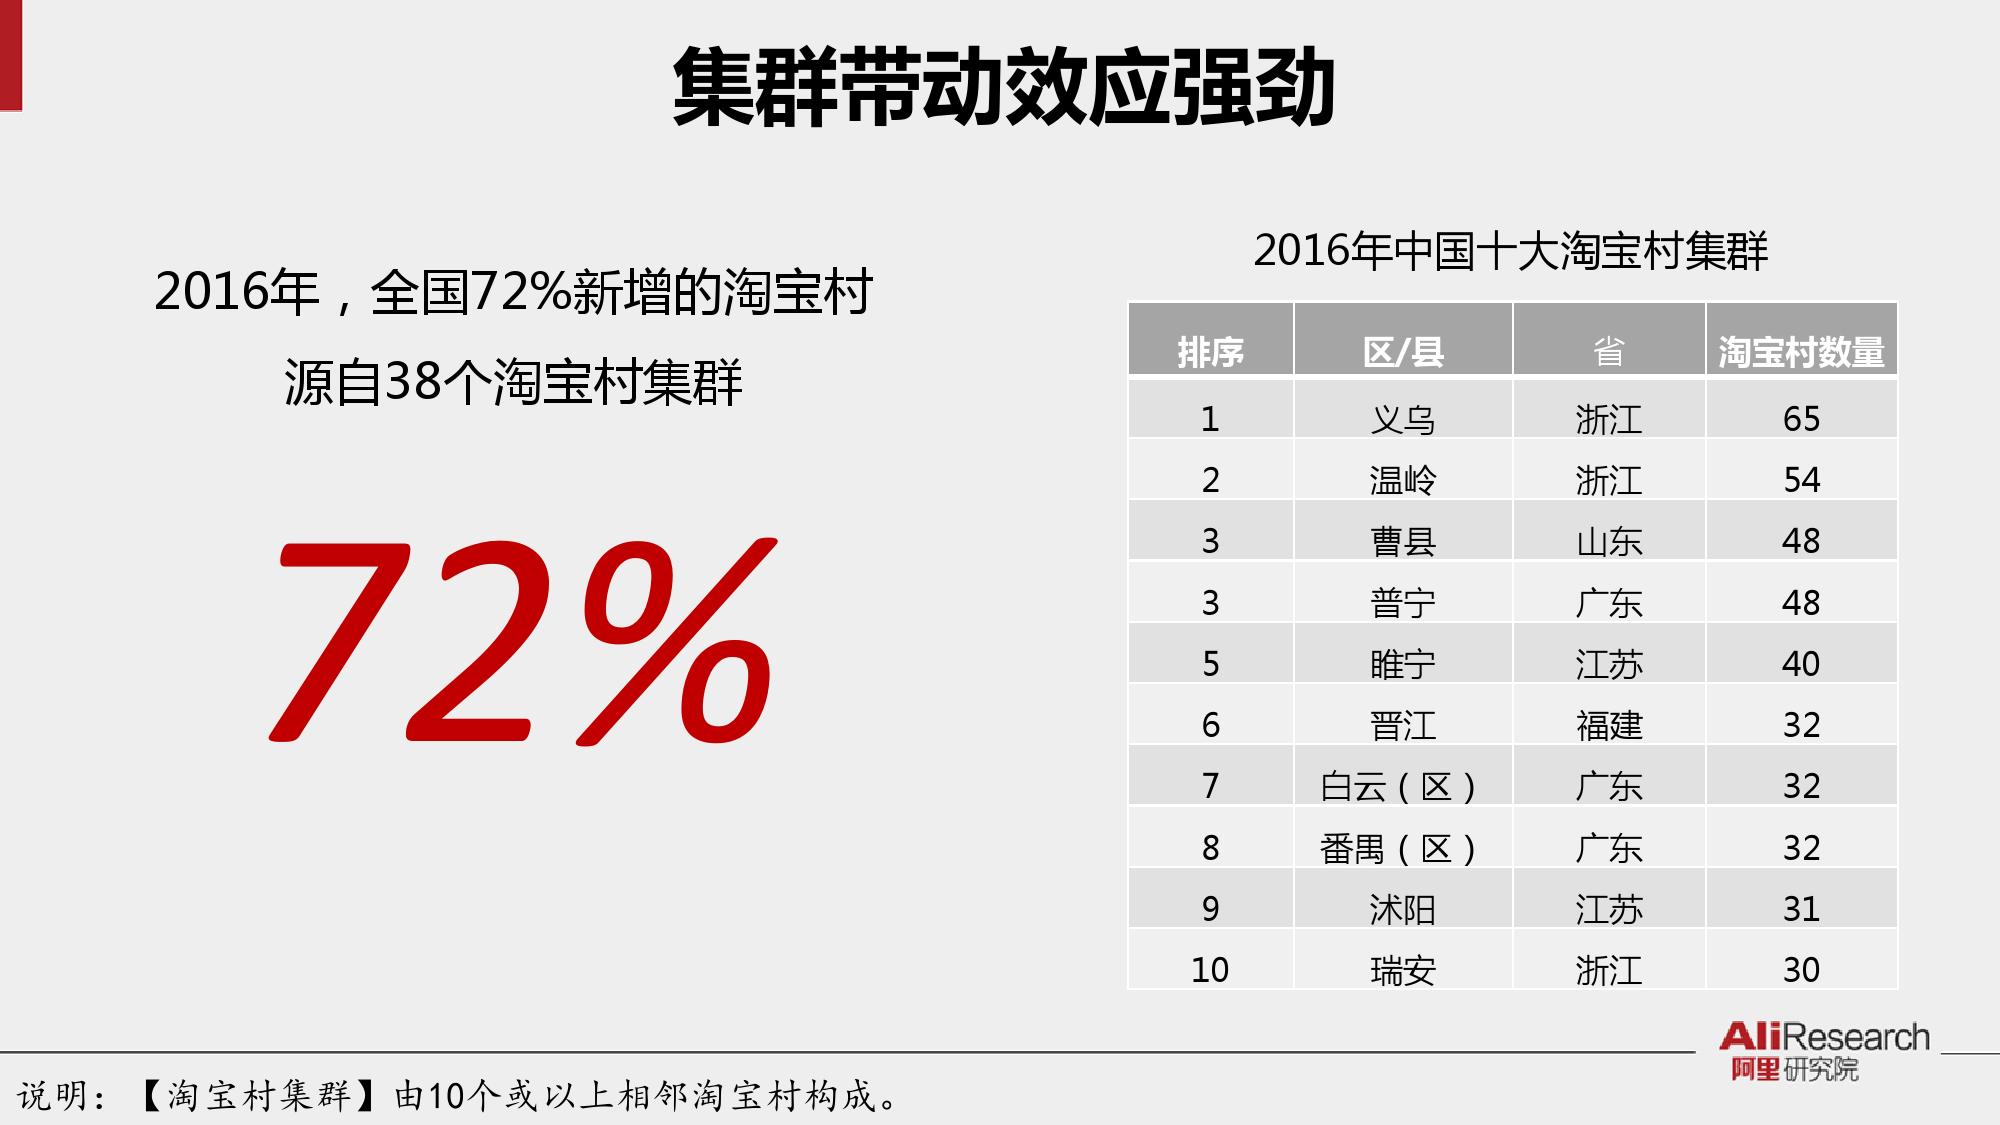 2016%e5%b9%b4%e5%ba%a6%e4%b8%ad%e5%9b%bd%e6%b7%98%e5%ae%9d%e6%9d%91%e7%a0%94%e7%a9%b6%e6%8a%a5%e5%91%8a_000008